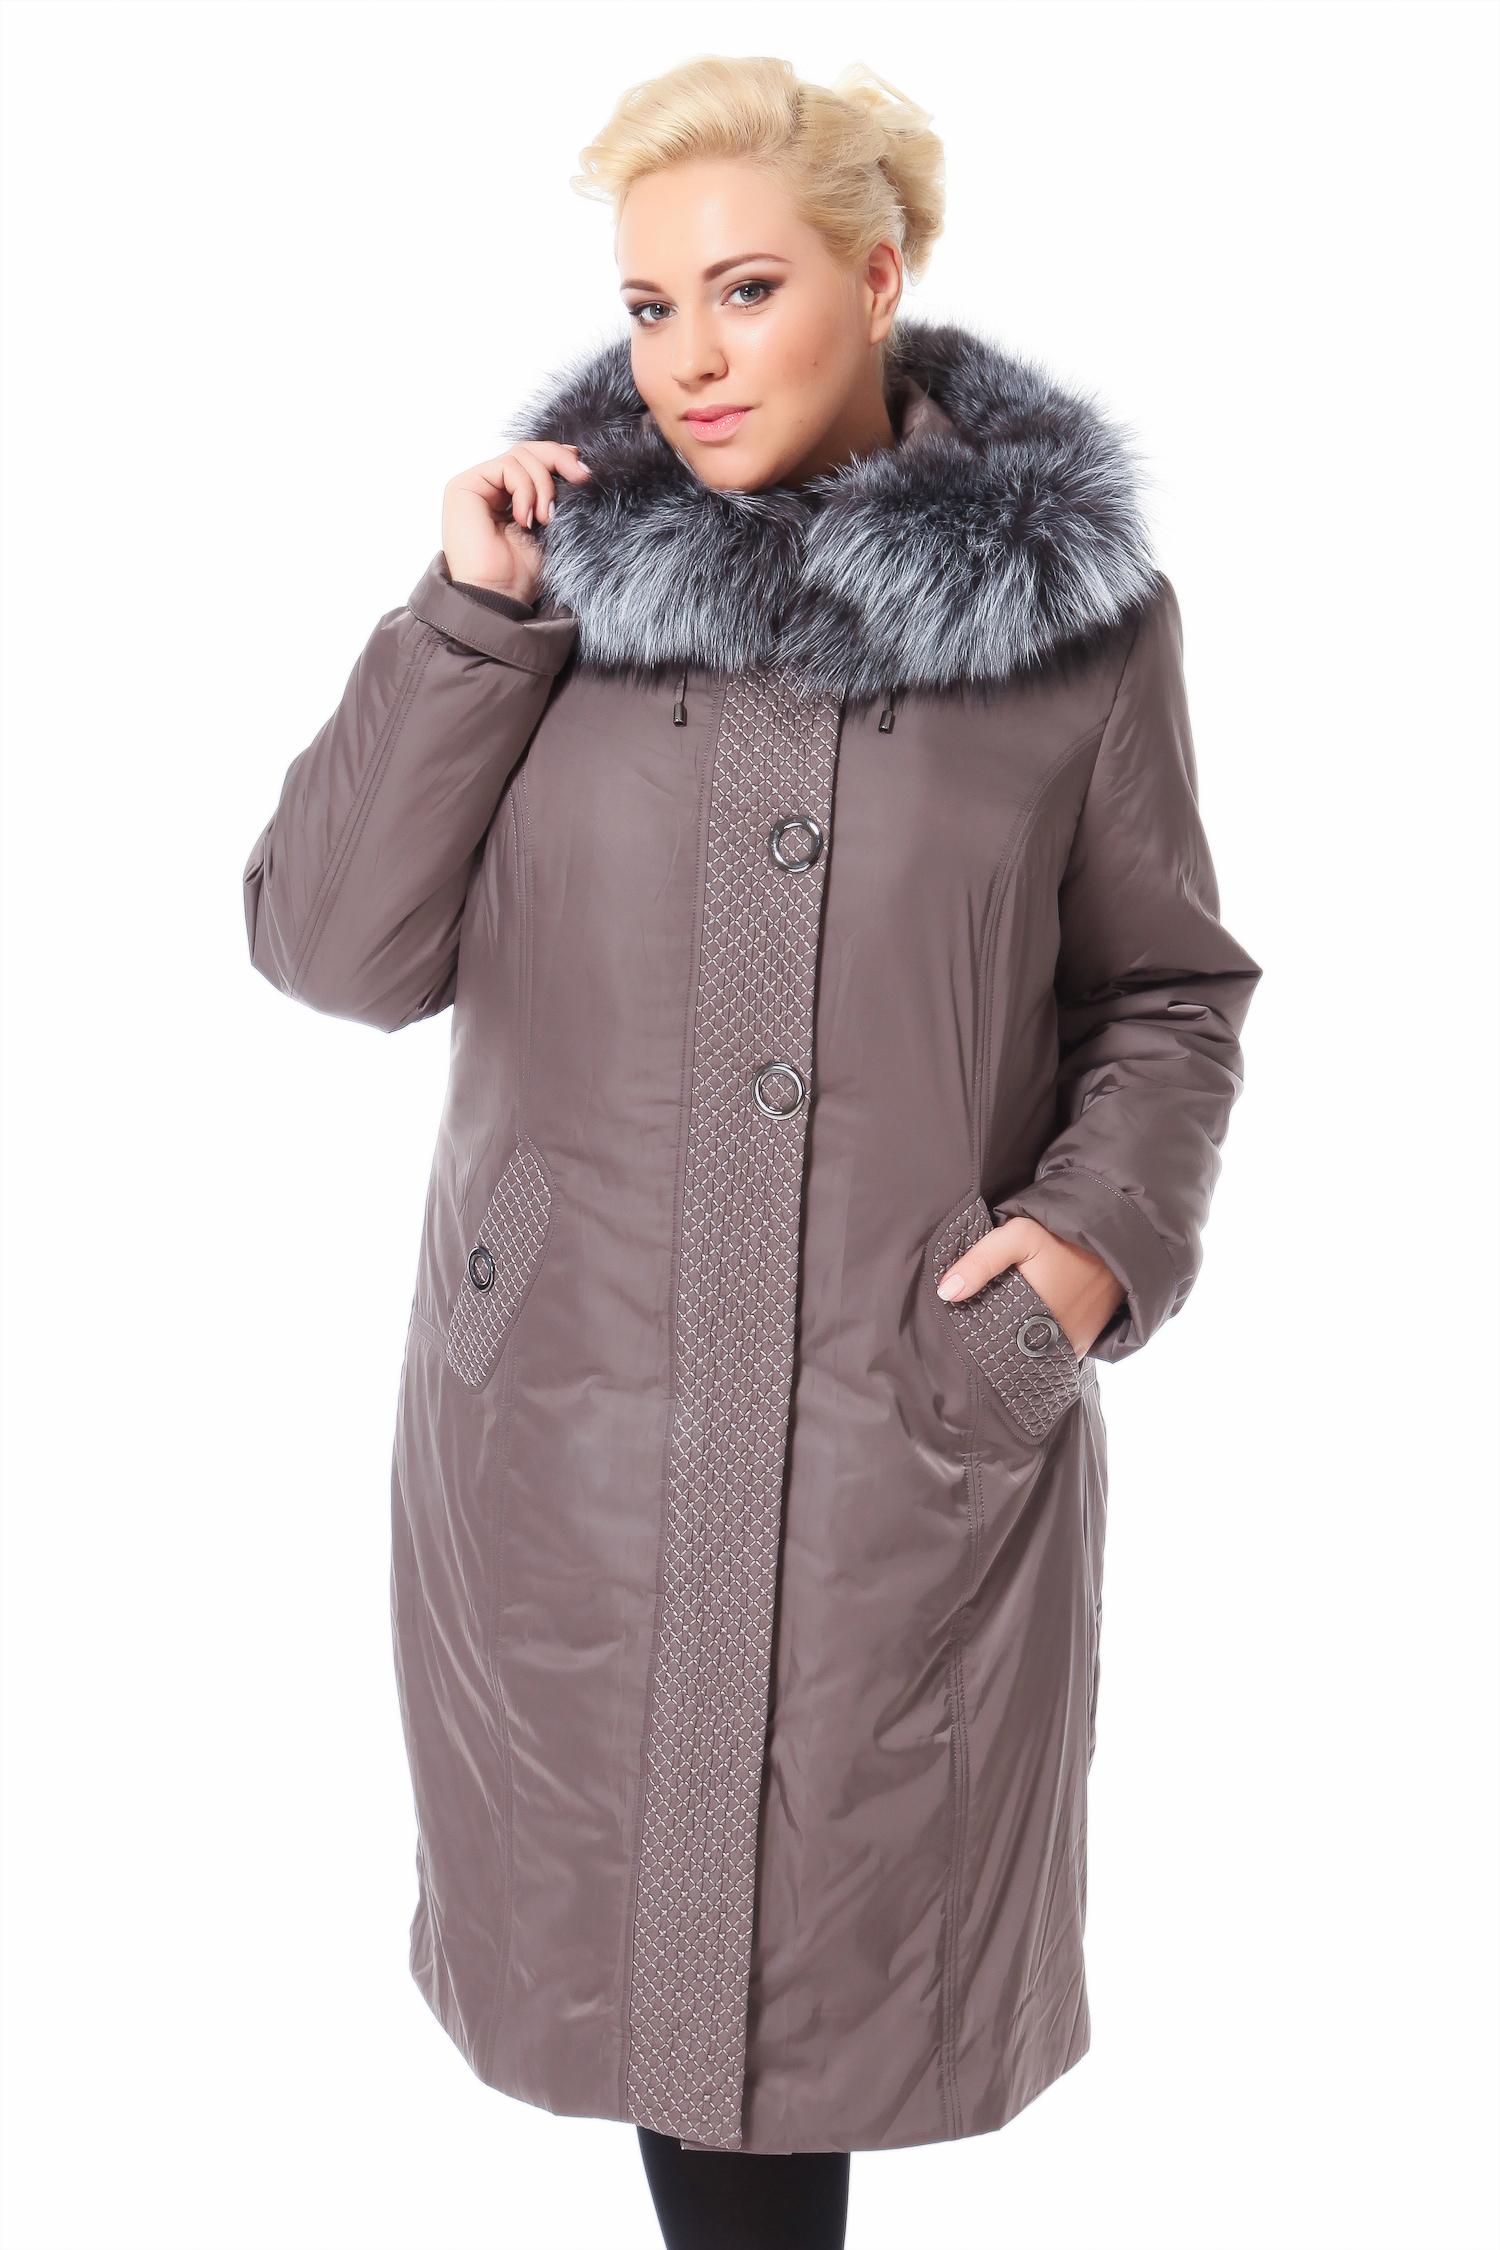 Пальто на меху с капюшоном, отделка чернобуркаЦвет  бежево-серый.<br><br>Пальто-пихора сшито из полиэстера. Отделка выполнена из меха черно-бурой лисы. В качестве утеплителя использован синтепон, а также подстежка из меха кролика.<br><br>Пихора - это симбиоз практичности, тепла и комфорта, благодаря легкой и невероятно теплой подстежки из меха кролика и полиэстеру, который отталкивает воду и не пропускает ветер. Модель идеально сядет как на изящную фигуру, так и дамы округлых форм смогут себя чувствовать в ней достаточно комфортно. Отстегивающаяся подстежка из кролика позволит носить пальто в довольно широком температурном диапазоне. Глубокий капюшон, отороченный чернобуркой, защитит от ветра и холода. Не смотря на монохромность модели, удачно выбранный бежево-серый оттенок, придает невероятную динамику образу, благодаря фактурным особенностям полиэстера из которого сшита модель.<br><br>Воротник: капюшон<br>Длина см: Длинная (свыше 90)<br>Материал: Текстиль<br>Цвет: серый<br>Вид застежки: центральная<br>Застежка: на молнии<br>Пол: Женский<br>Размер RU: 52